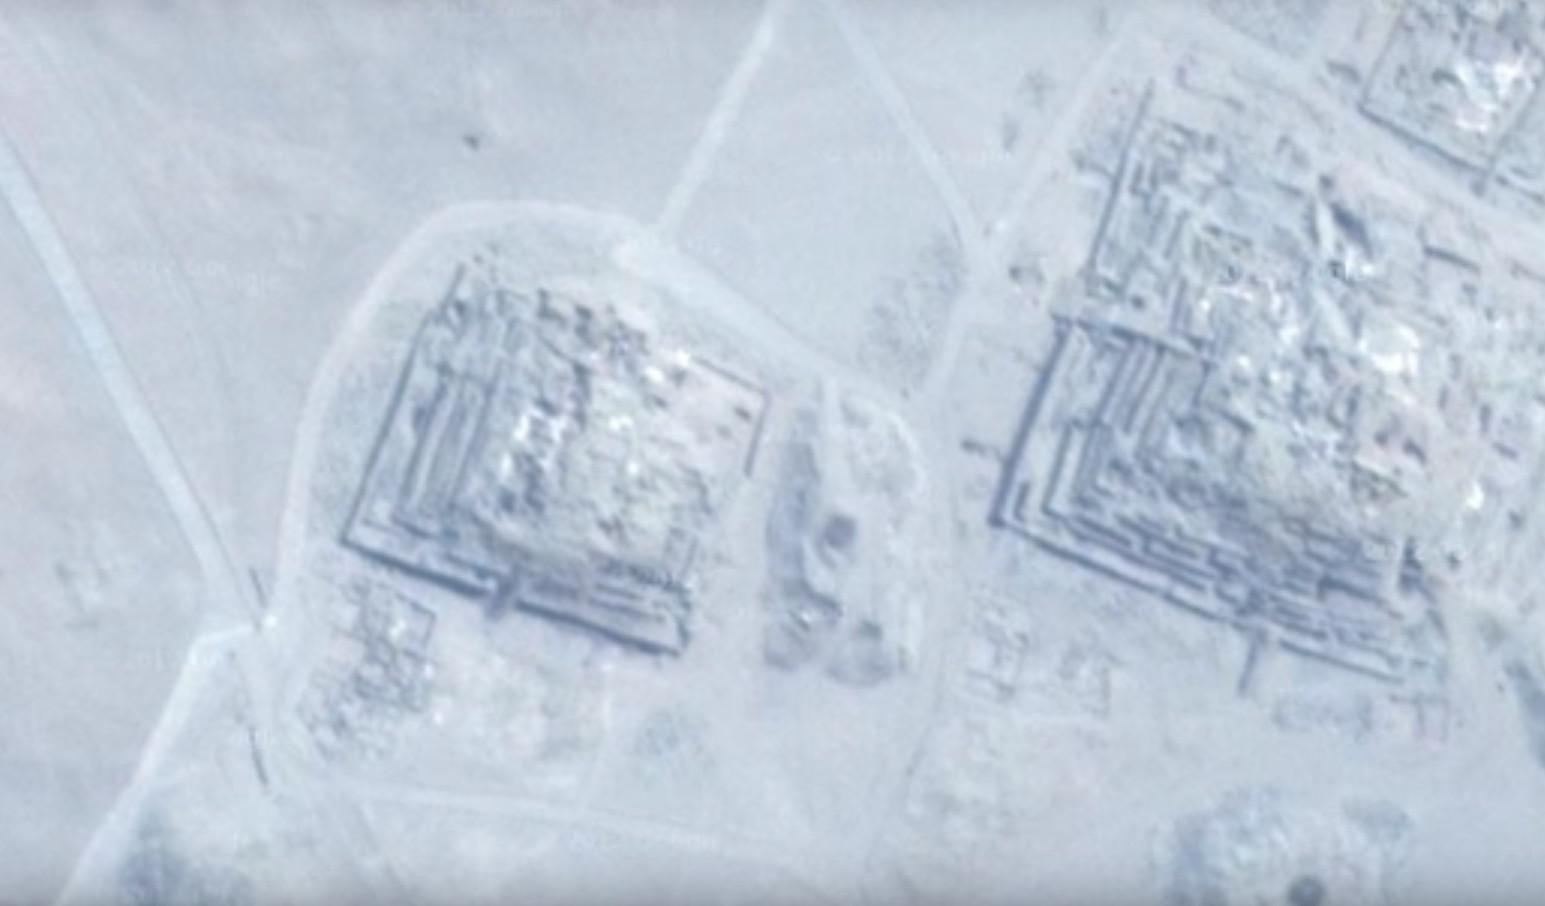 Risultati immagini per ANCIENT CITIES BENEATH ANTARCTICA'S ICE